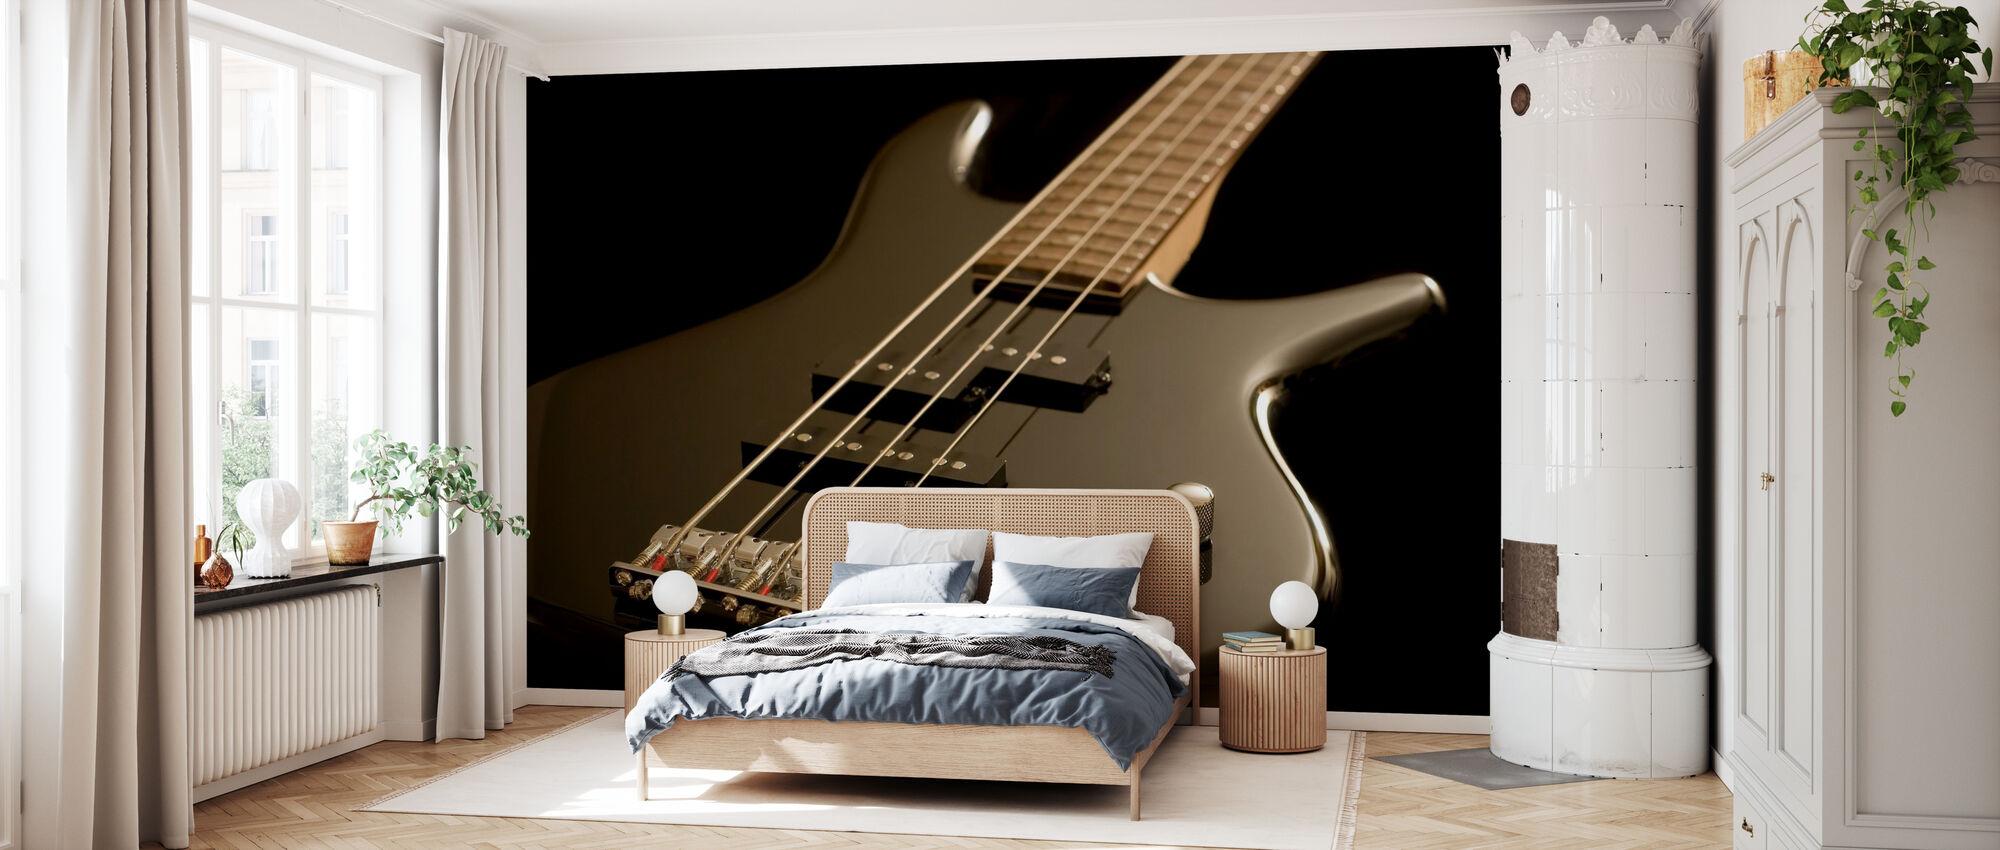 Guitare basse électrique - Papier peint - Chambre